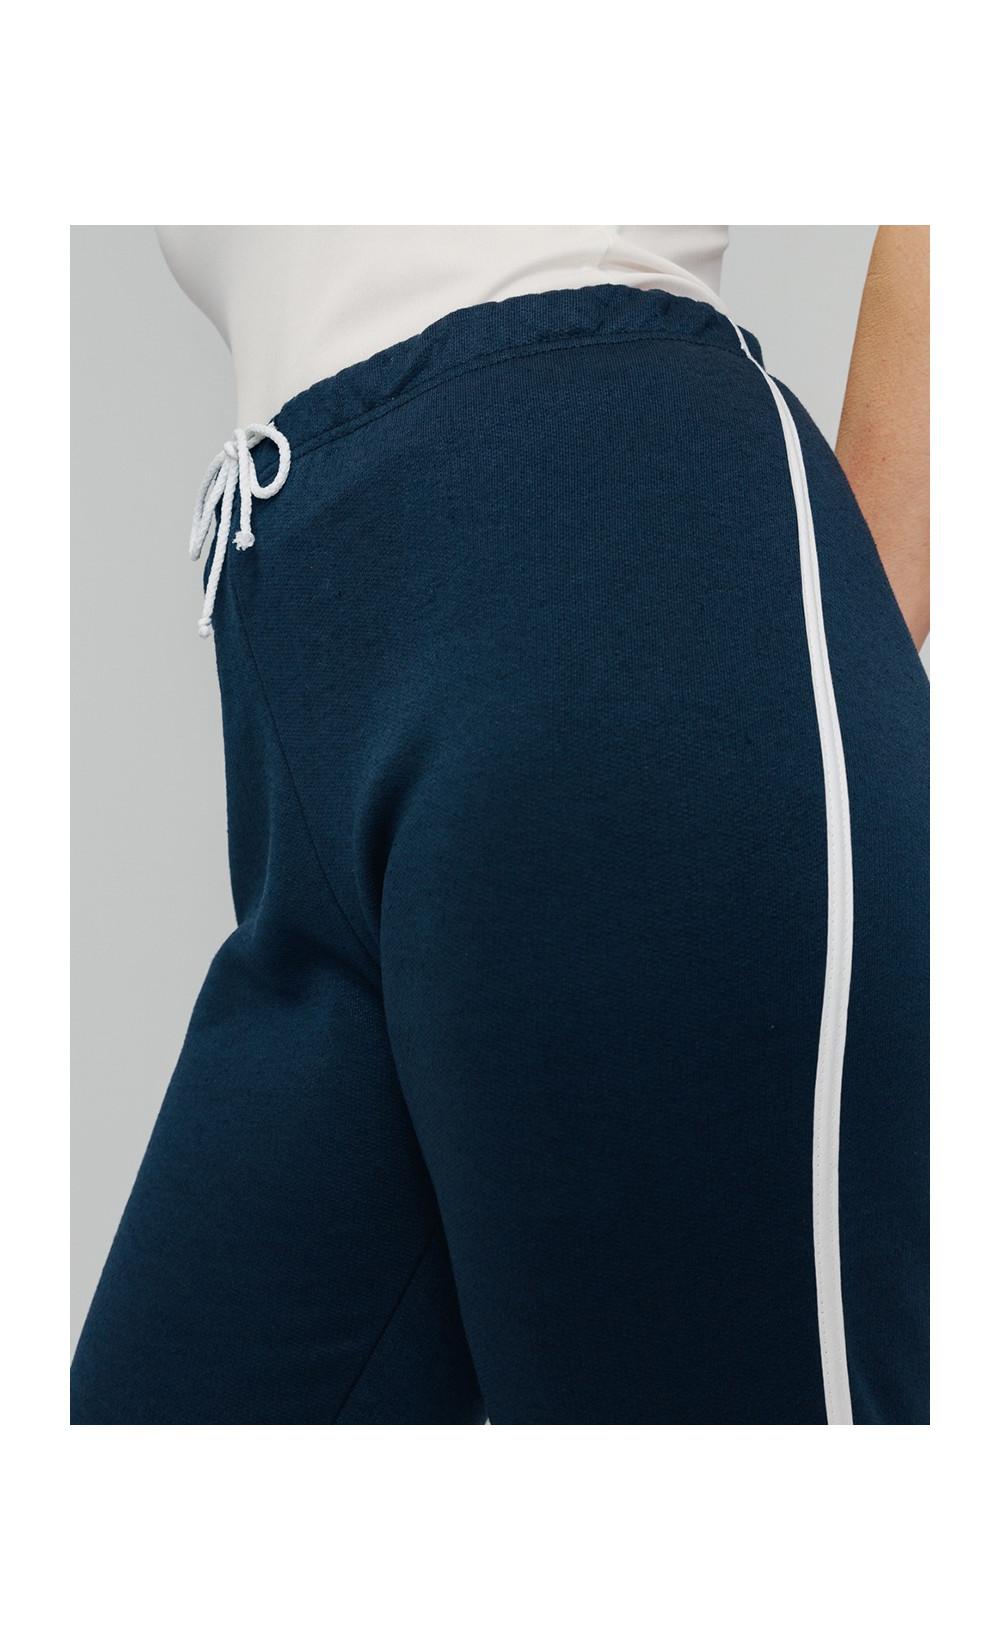 pantalon - PARFUM